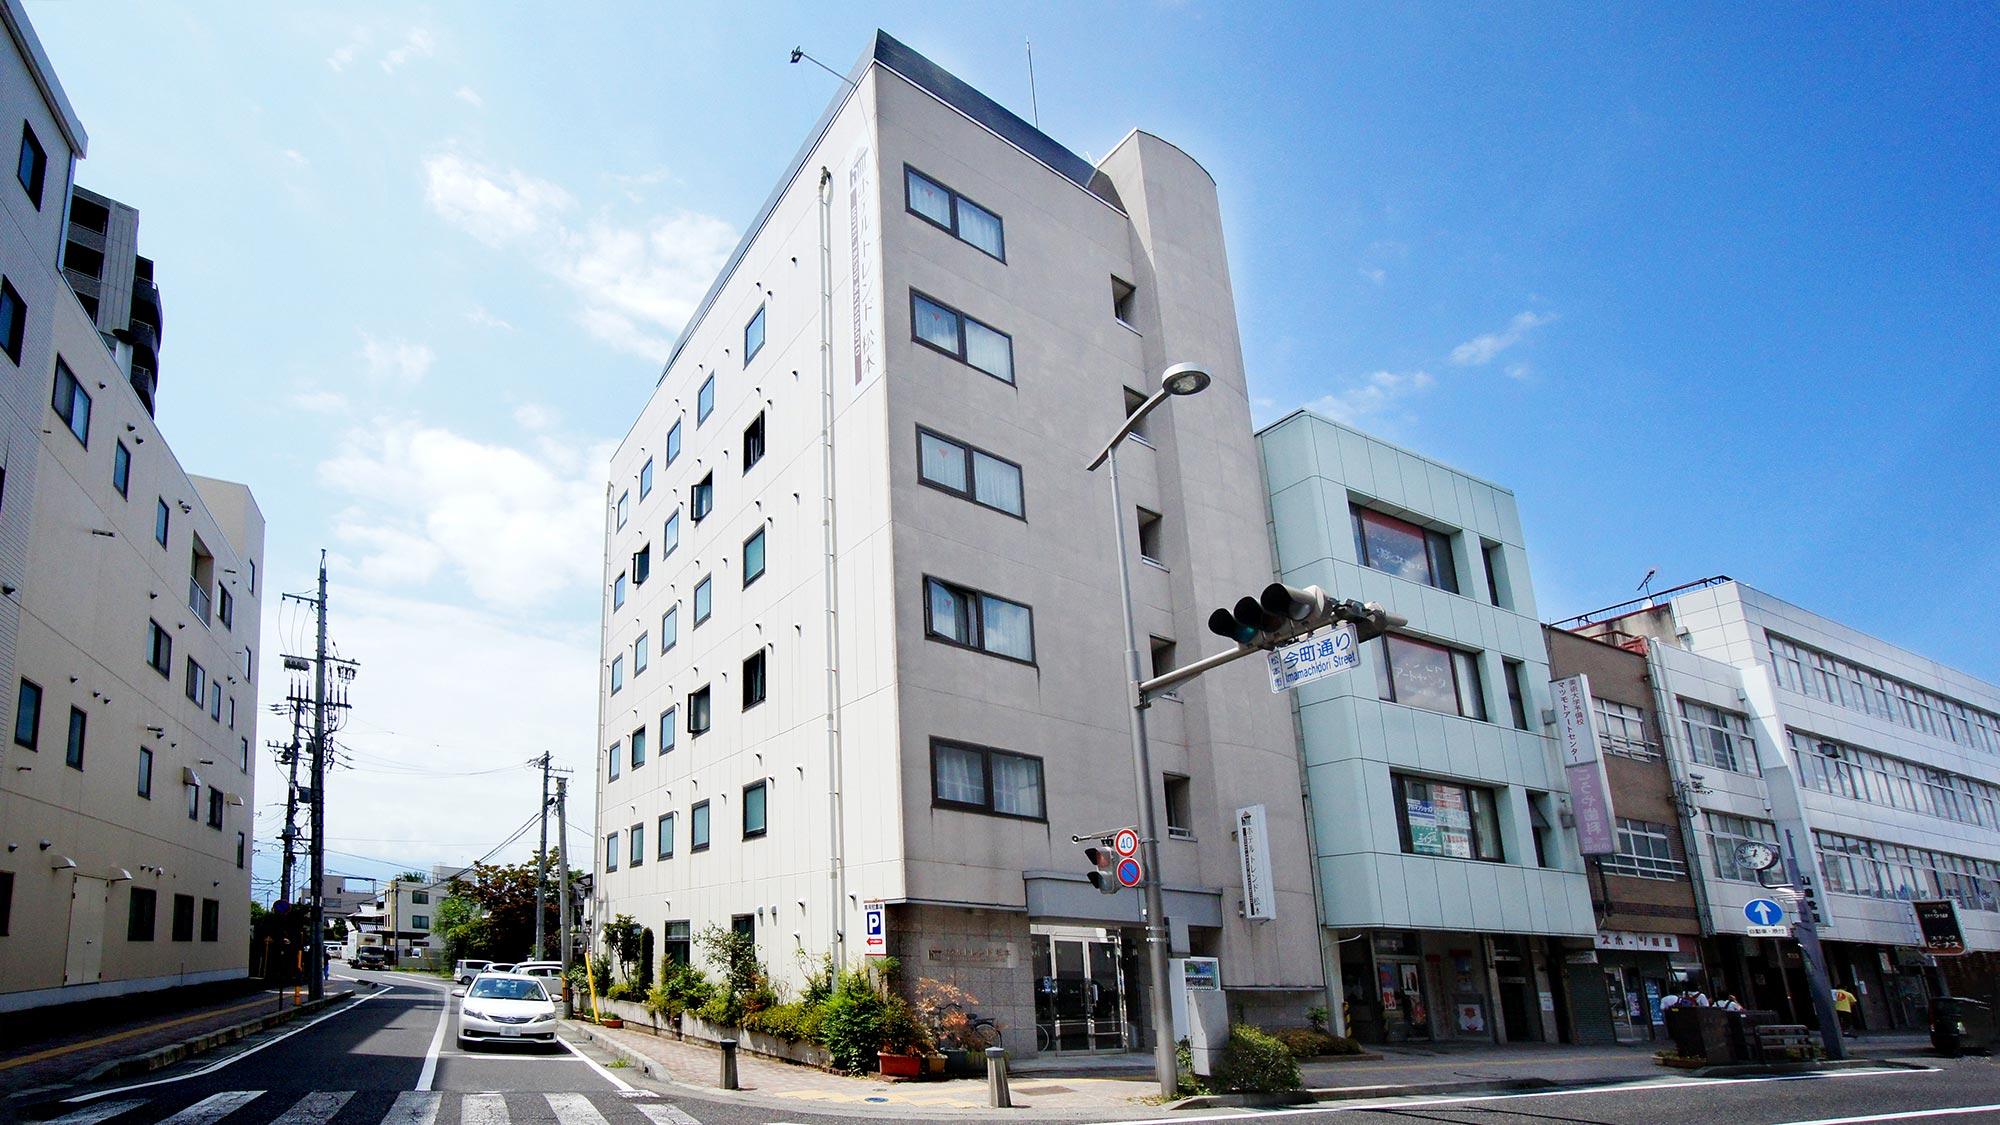 01b614176674 ホテル おたりや駅・松本城は徒歩6分。コンビニ・飲食店は徒歩1分。観光・ビジネス・アクセスに便利。